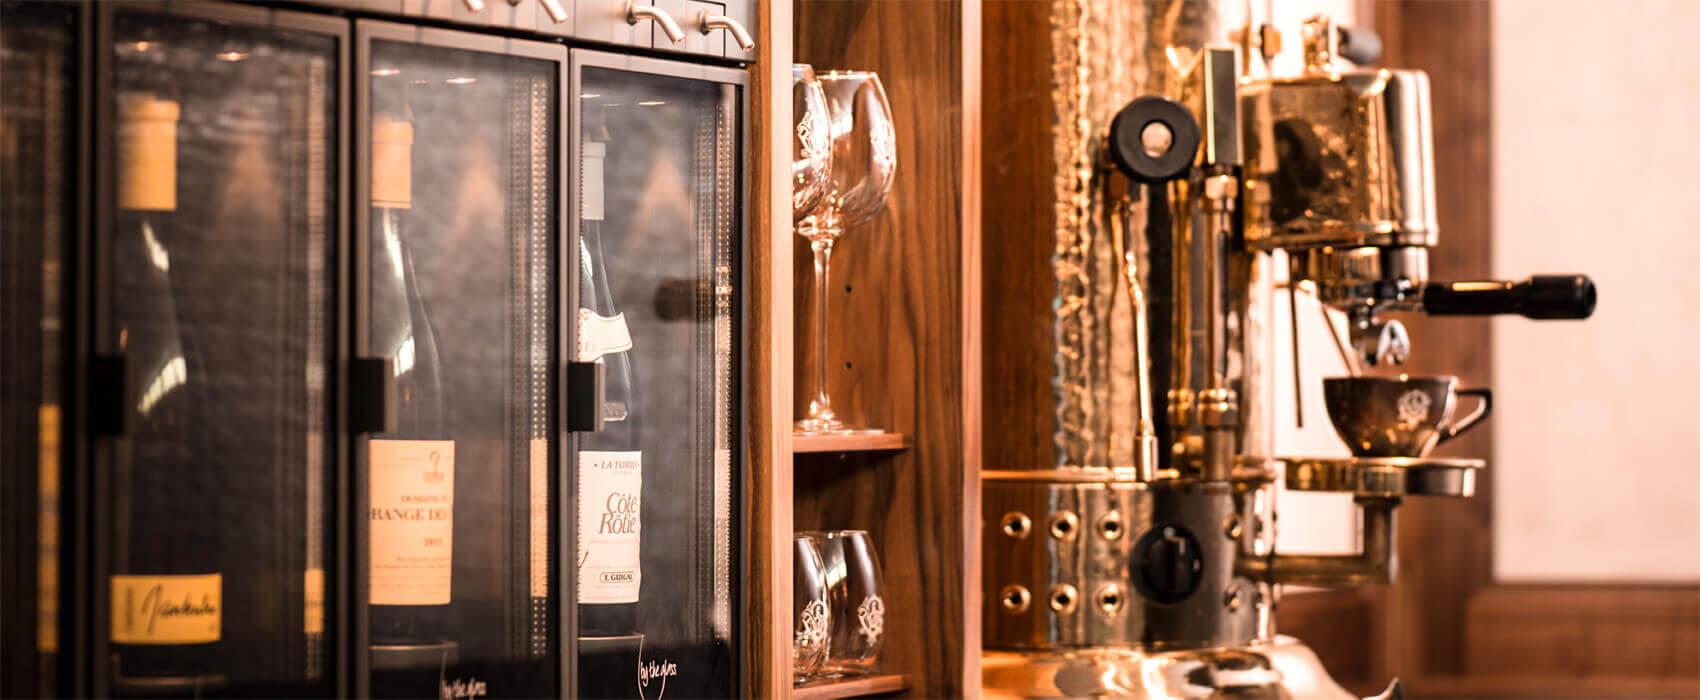 Distributeur de vin au verre modèle Modulaire